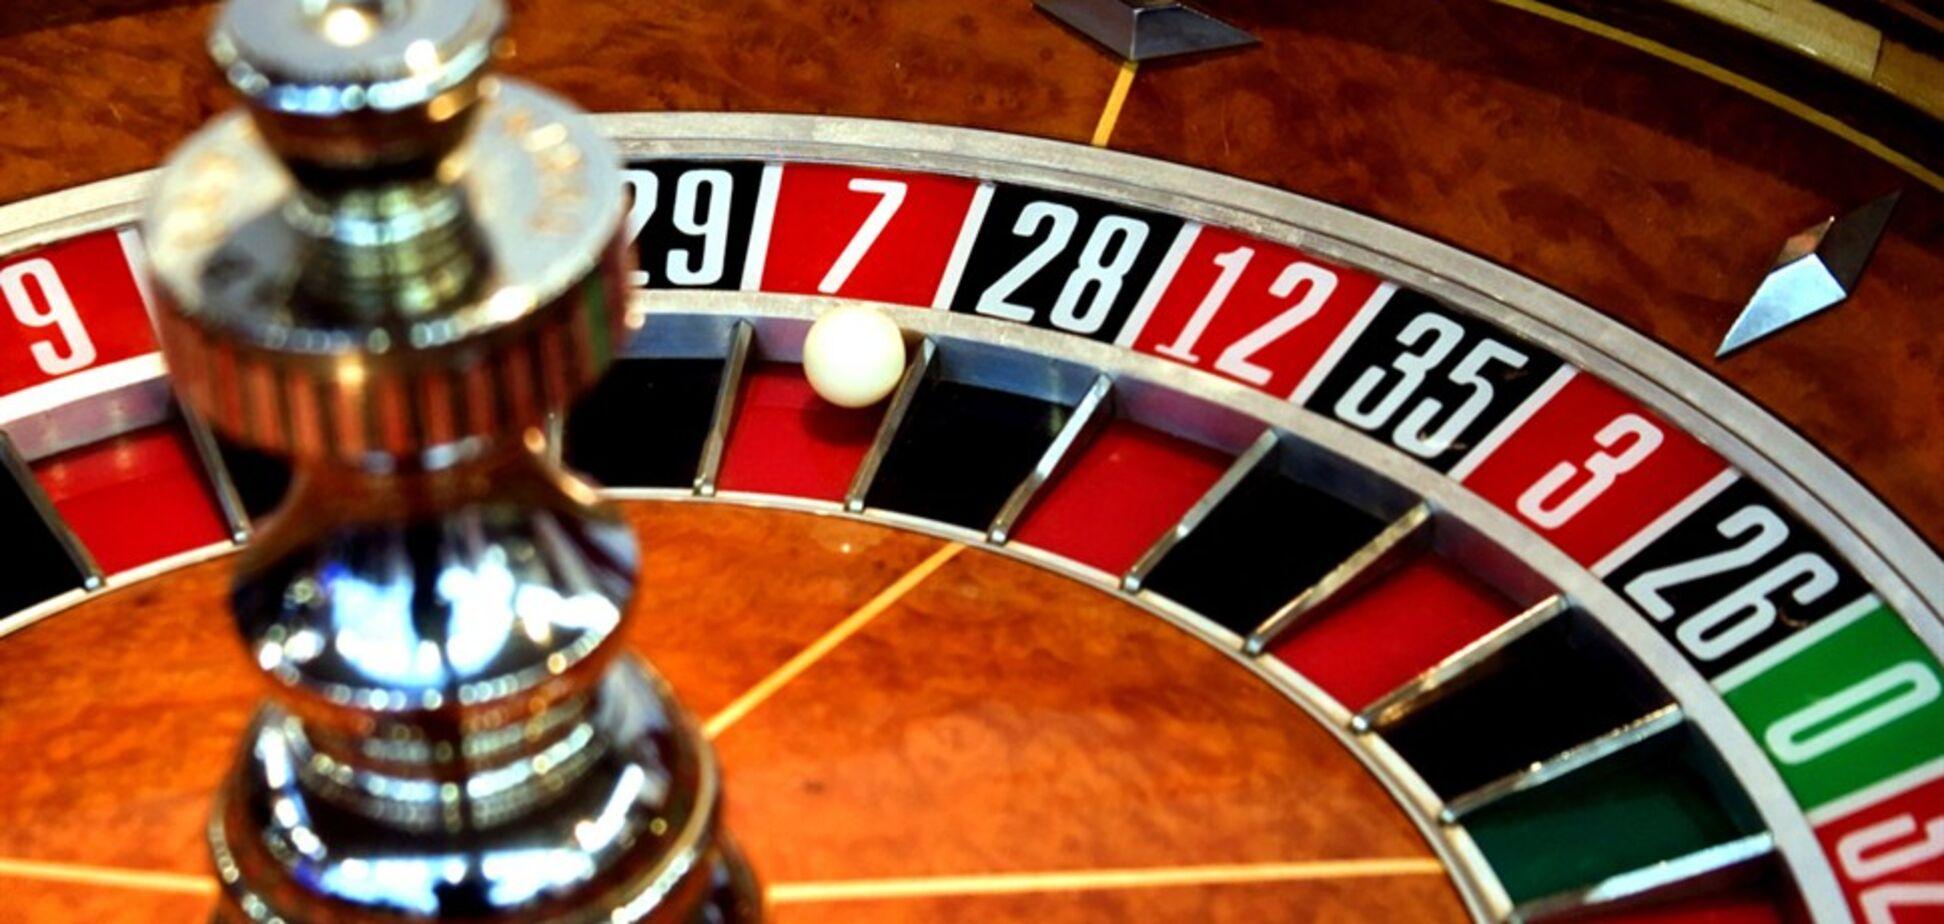 Азартные игры влияют на здоровье